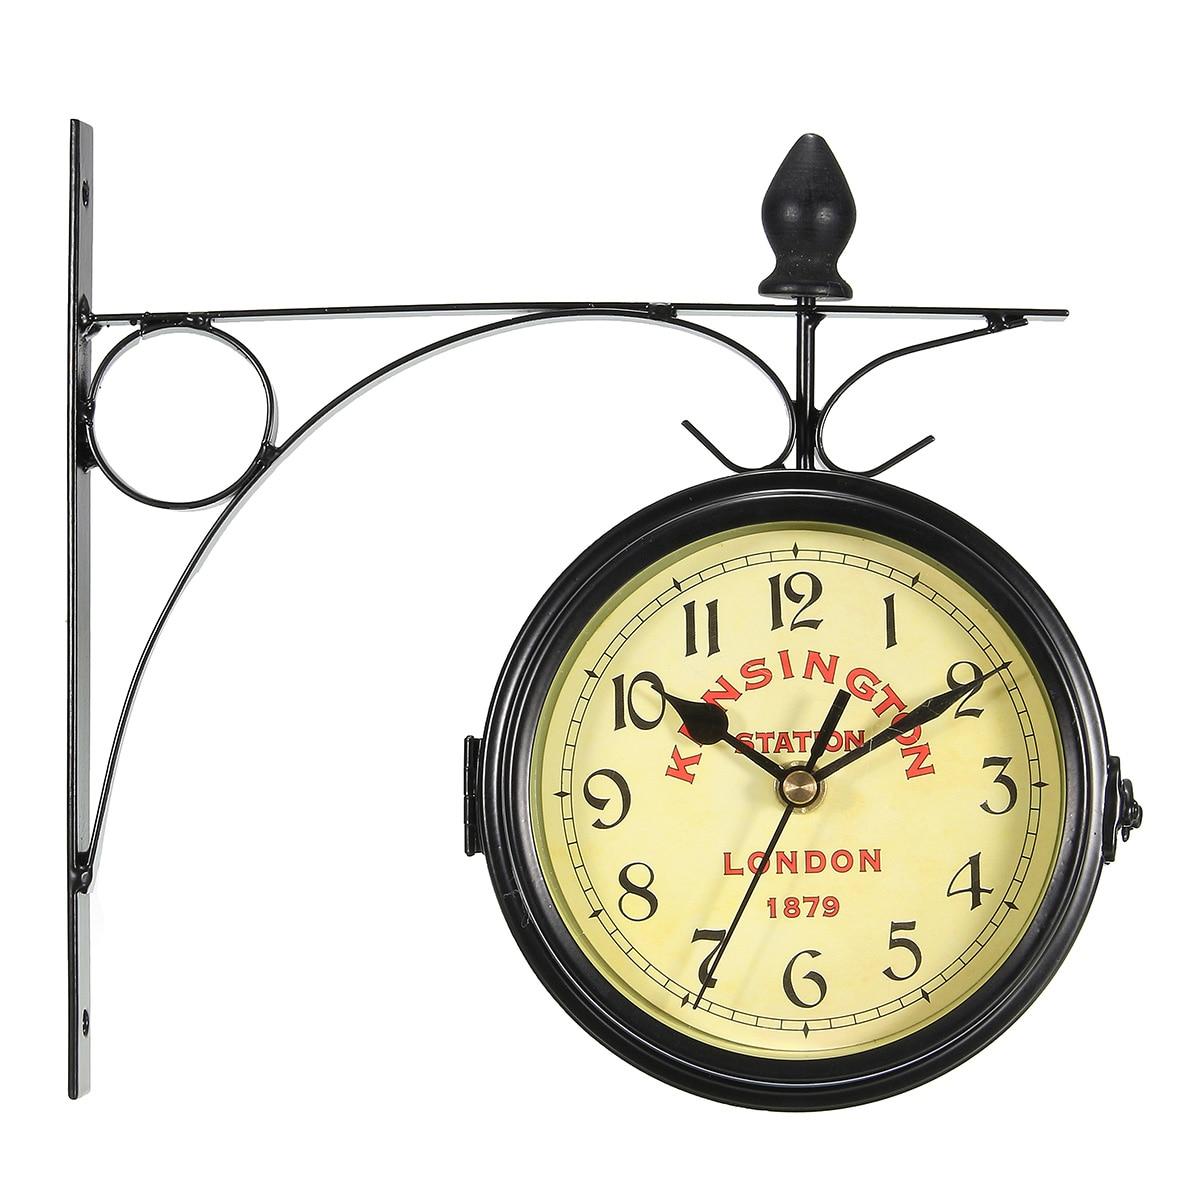 Charminer decorativo do vintage dupla face relógio de parede de metal estilo antigo estação relógio de parede pendurado preto